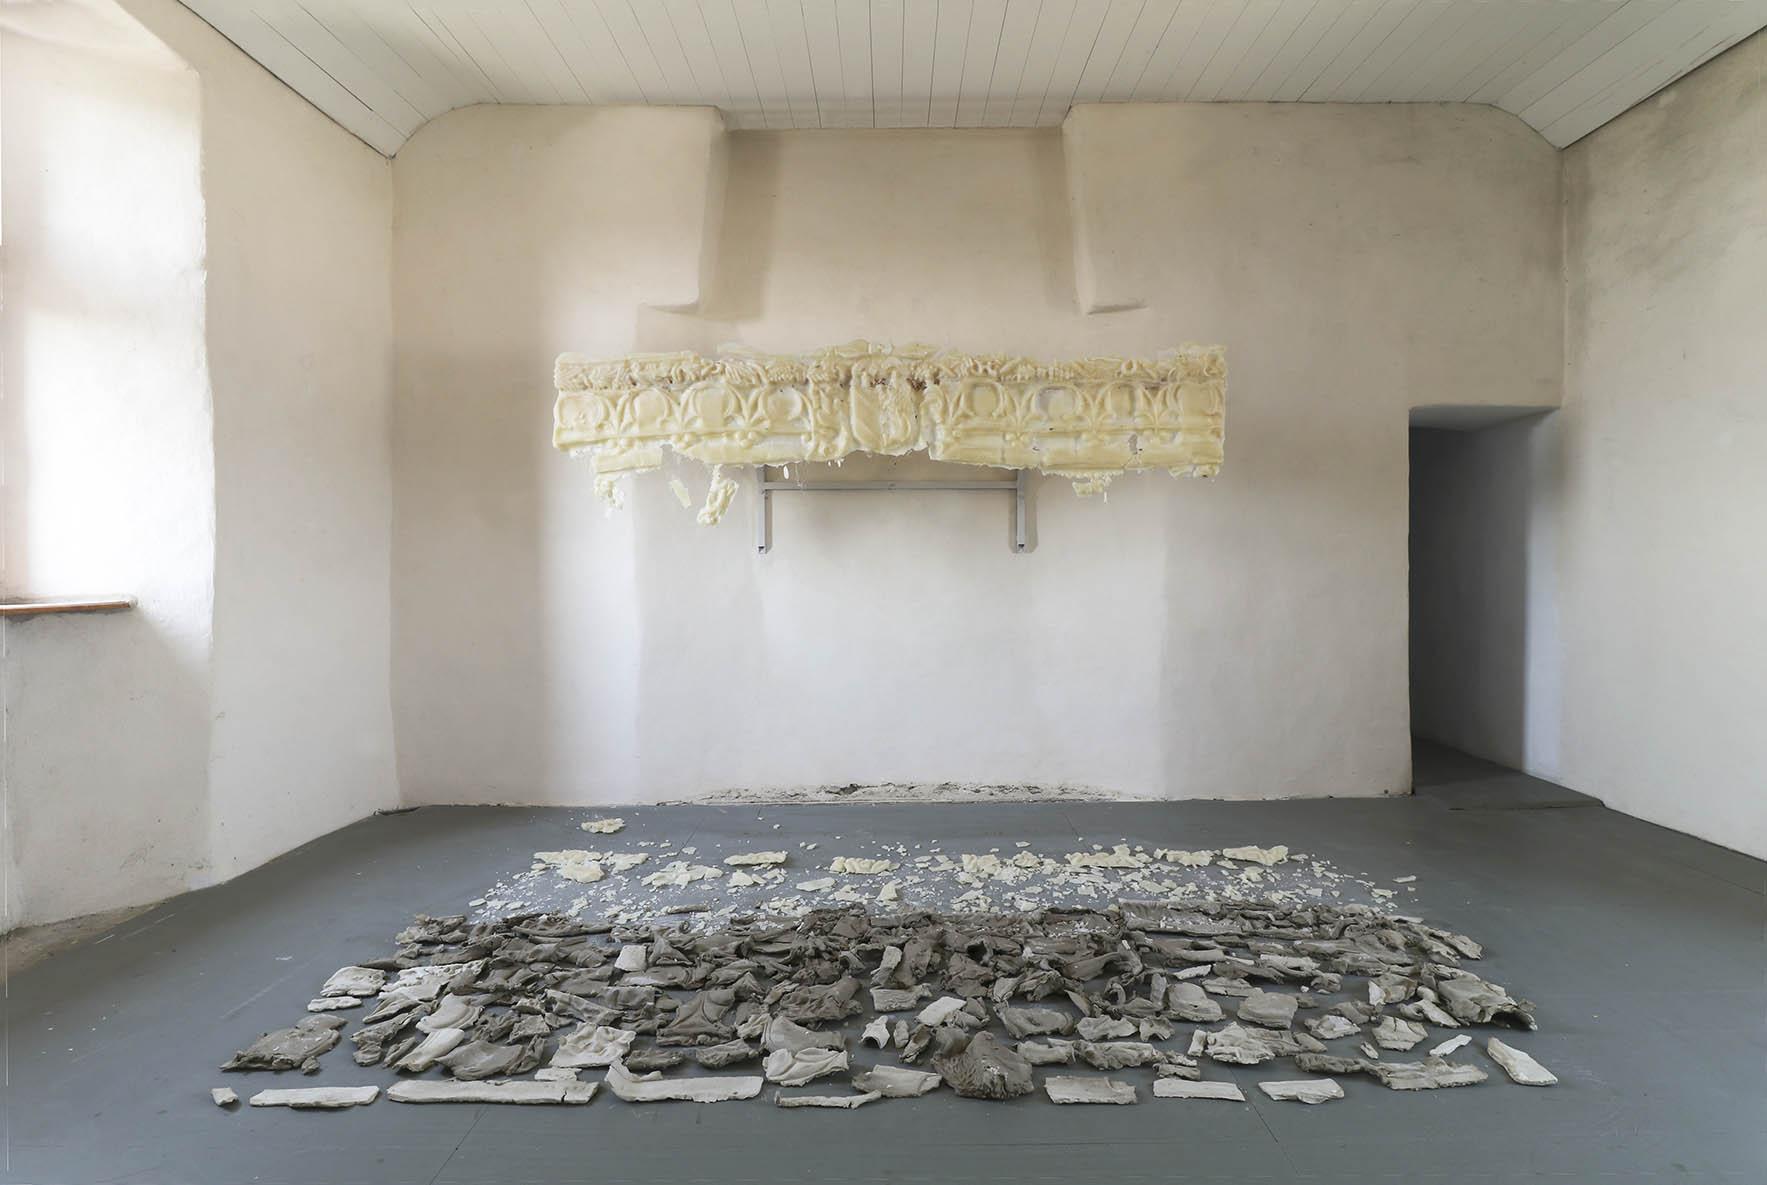 Hugo_Bel_sculpteur_ Emprunt de mémoires_Taurines